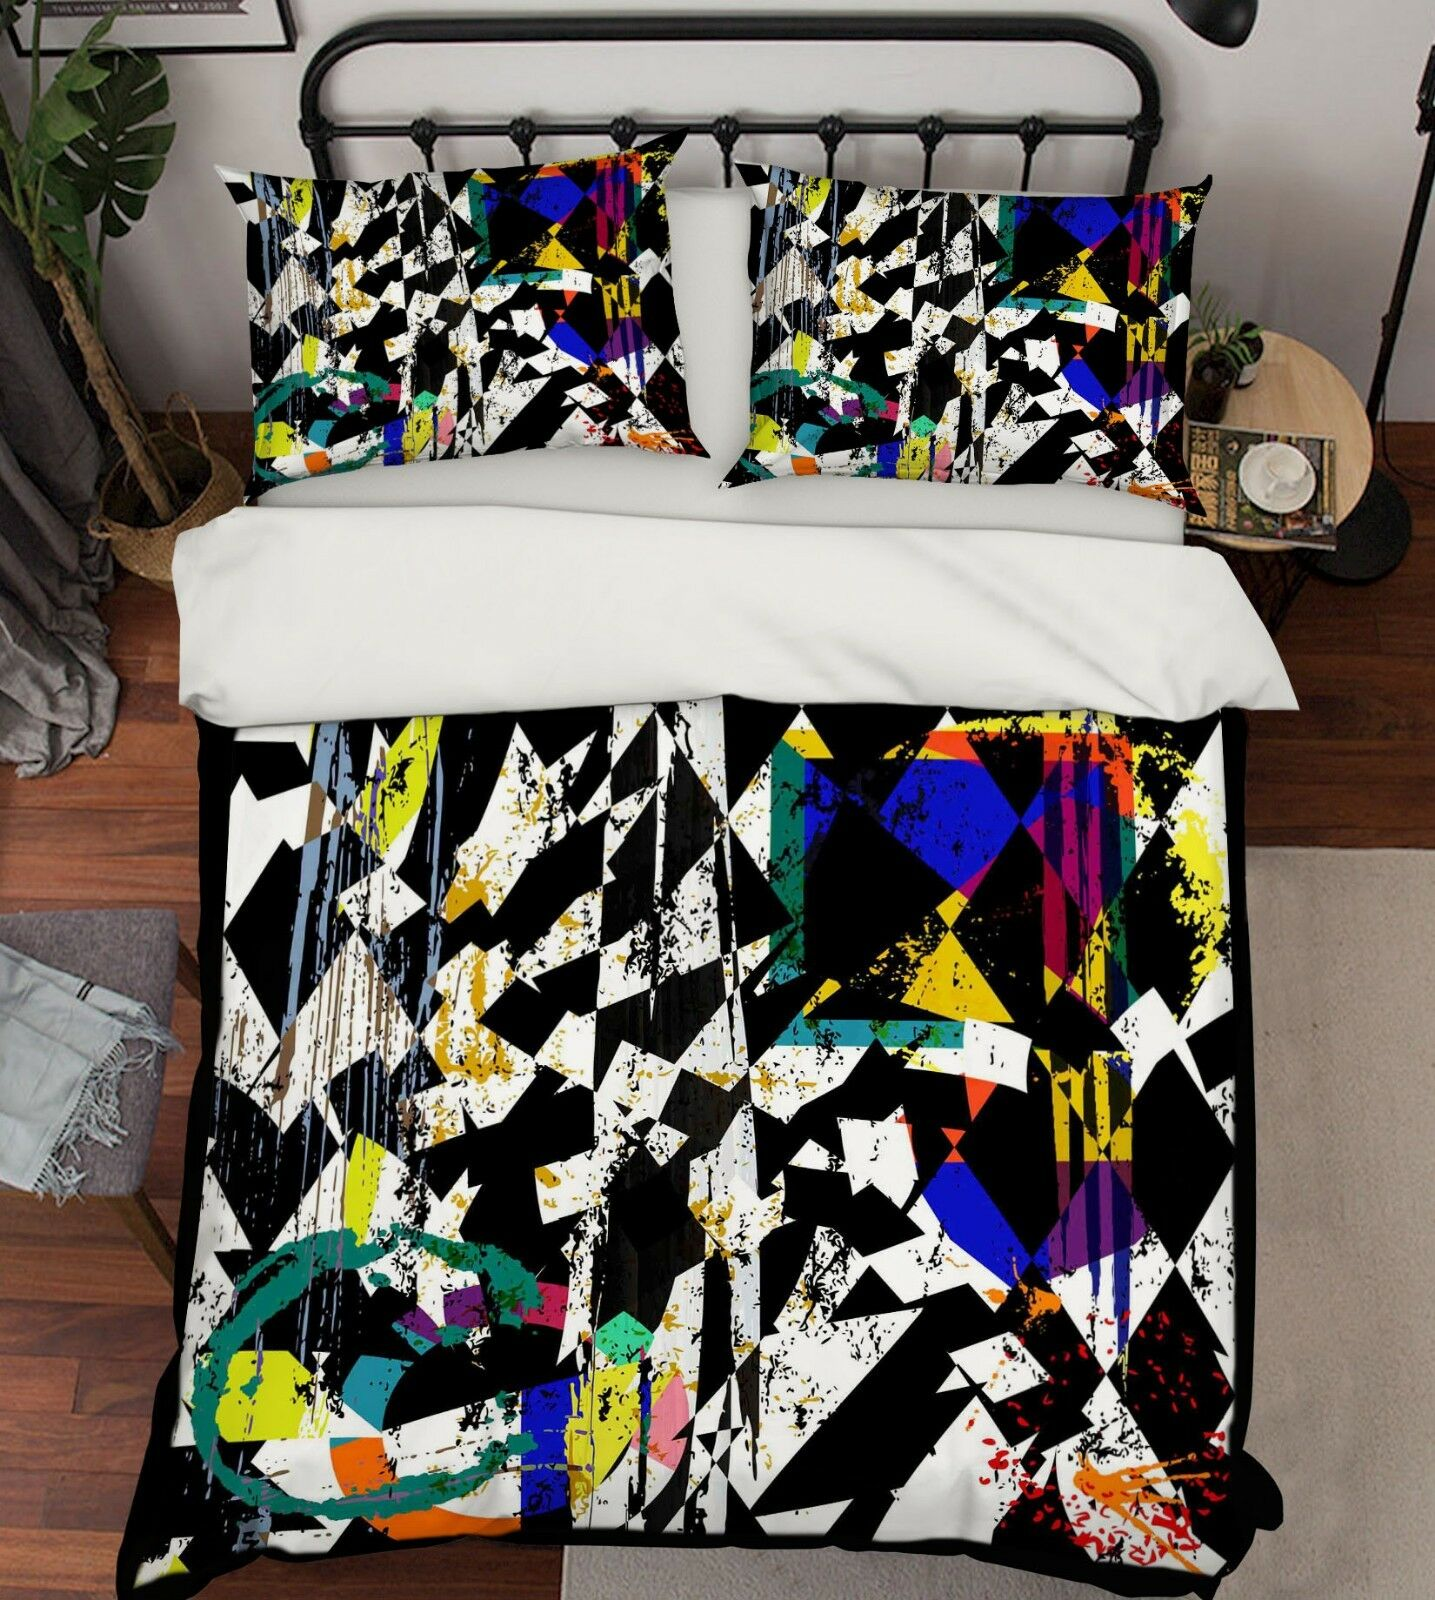 3d tacheté 317 lit housses de coussin steppes couette couvertures Set Single Reine de